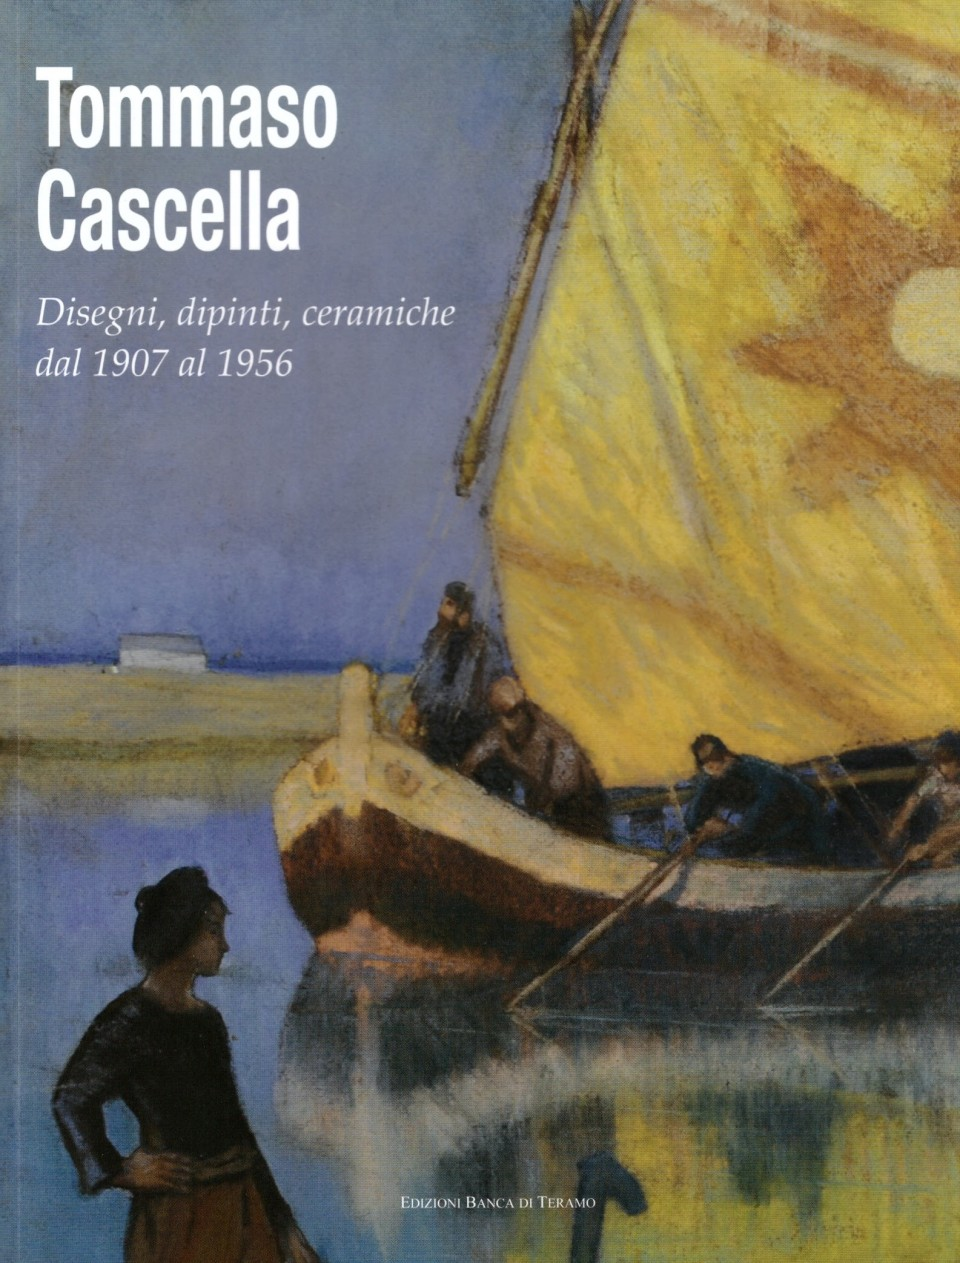 t. cascella small